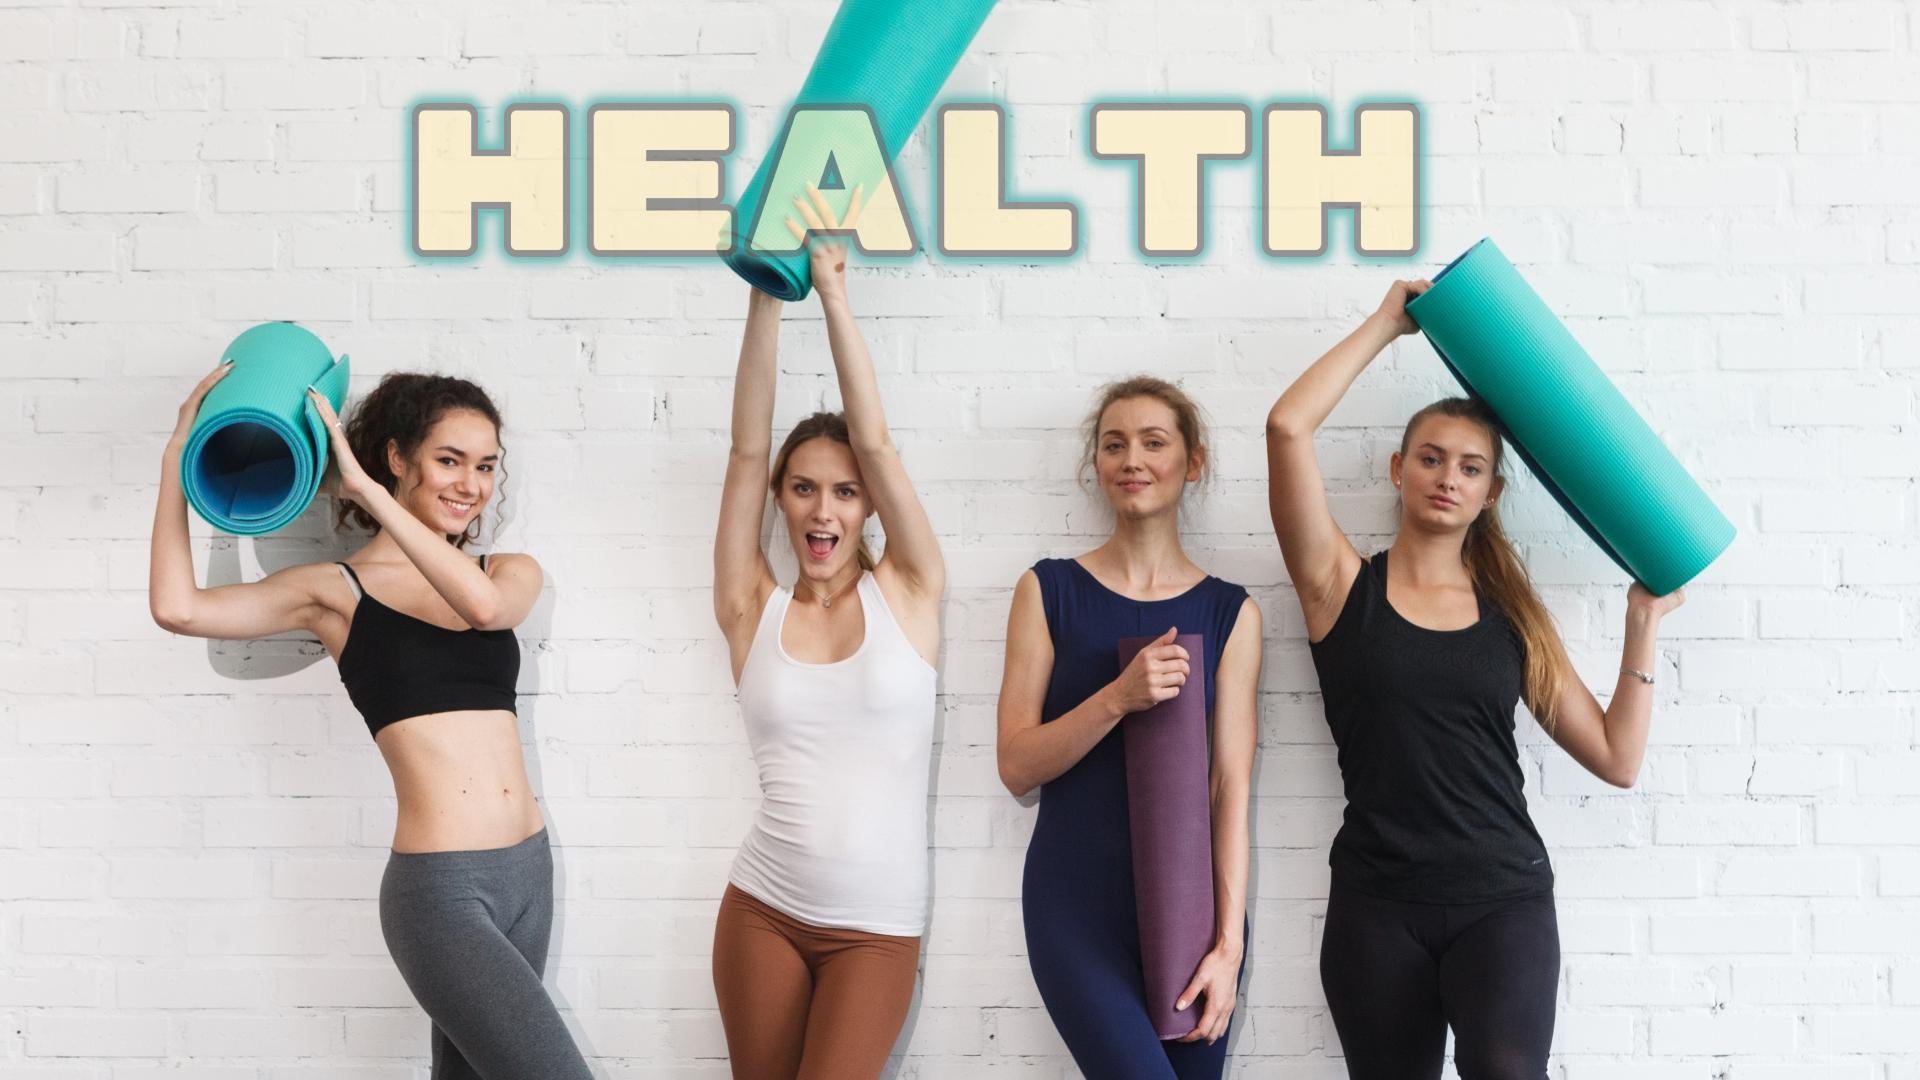 健康って何だろう?|ながらすたいる